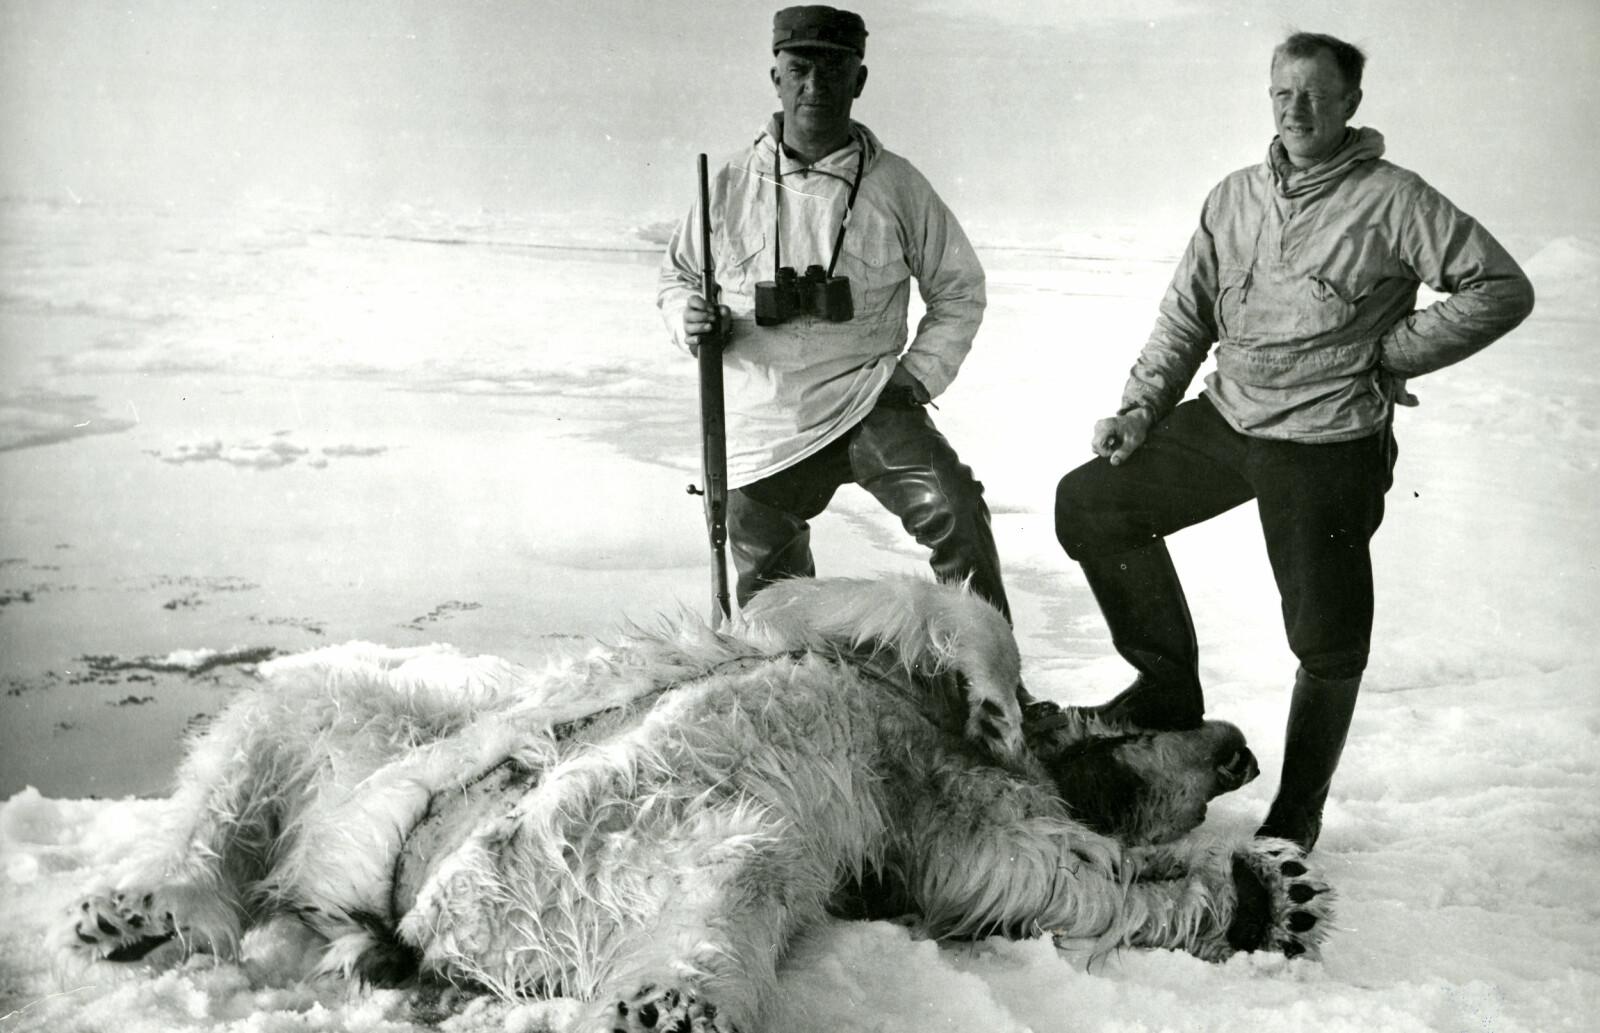 JEGER: Magne Råum (til høyre) og svenske Franz Walstein. Råum felte denne bjørnen fra skutedekket på vei inn mot Øst-Grønland i 1939. (Foto: Arneberg/ Norsk Polarinstitutt)